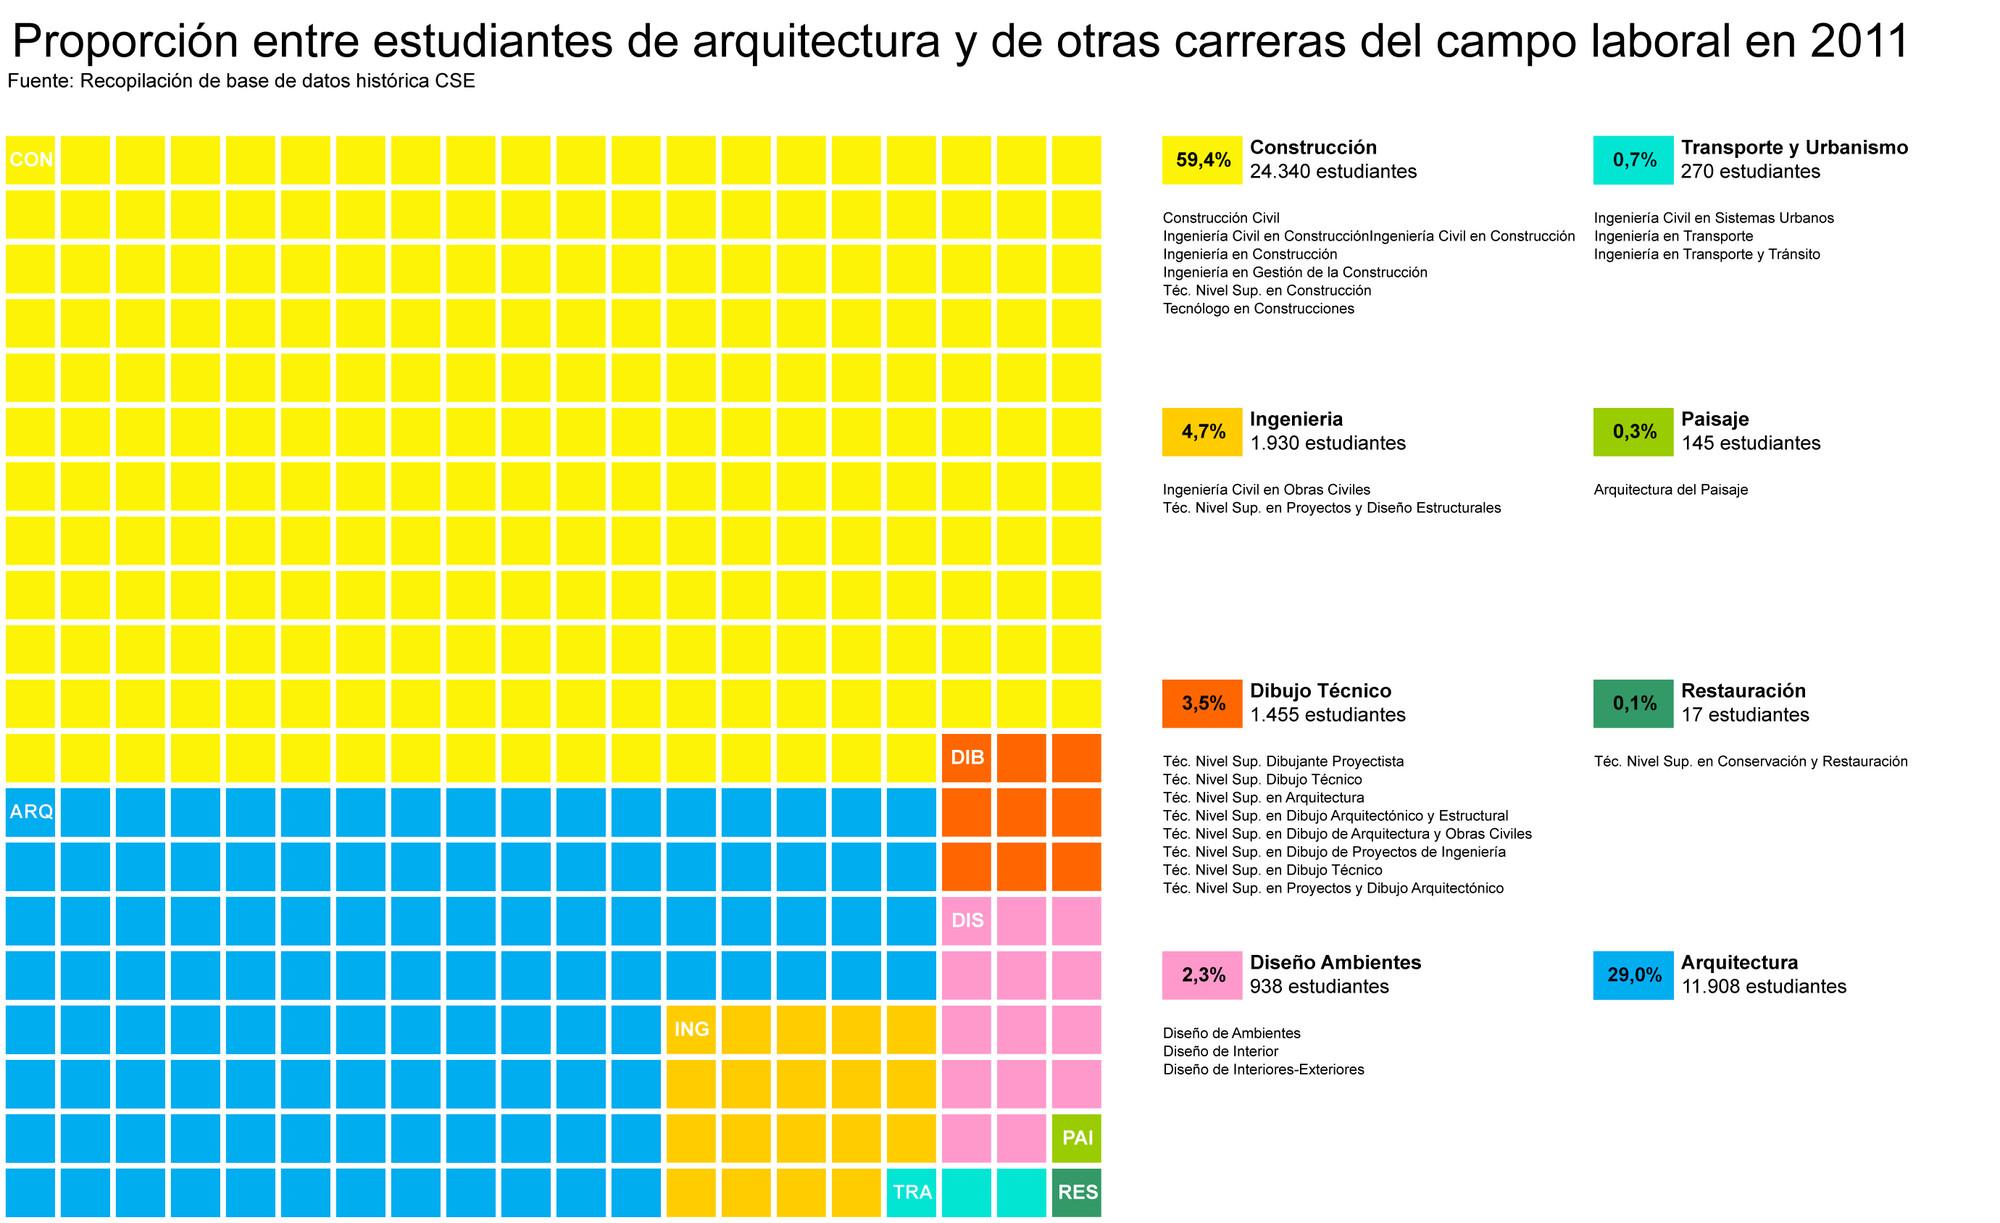 Proporción entre estudiantes de arquitectura y otras carreras en 2011. Image Cortesia de Beatriz Coeffé